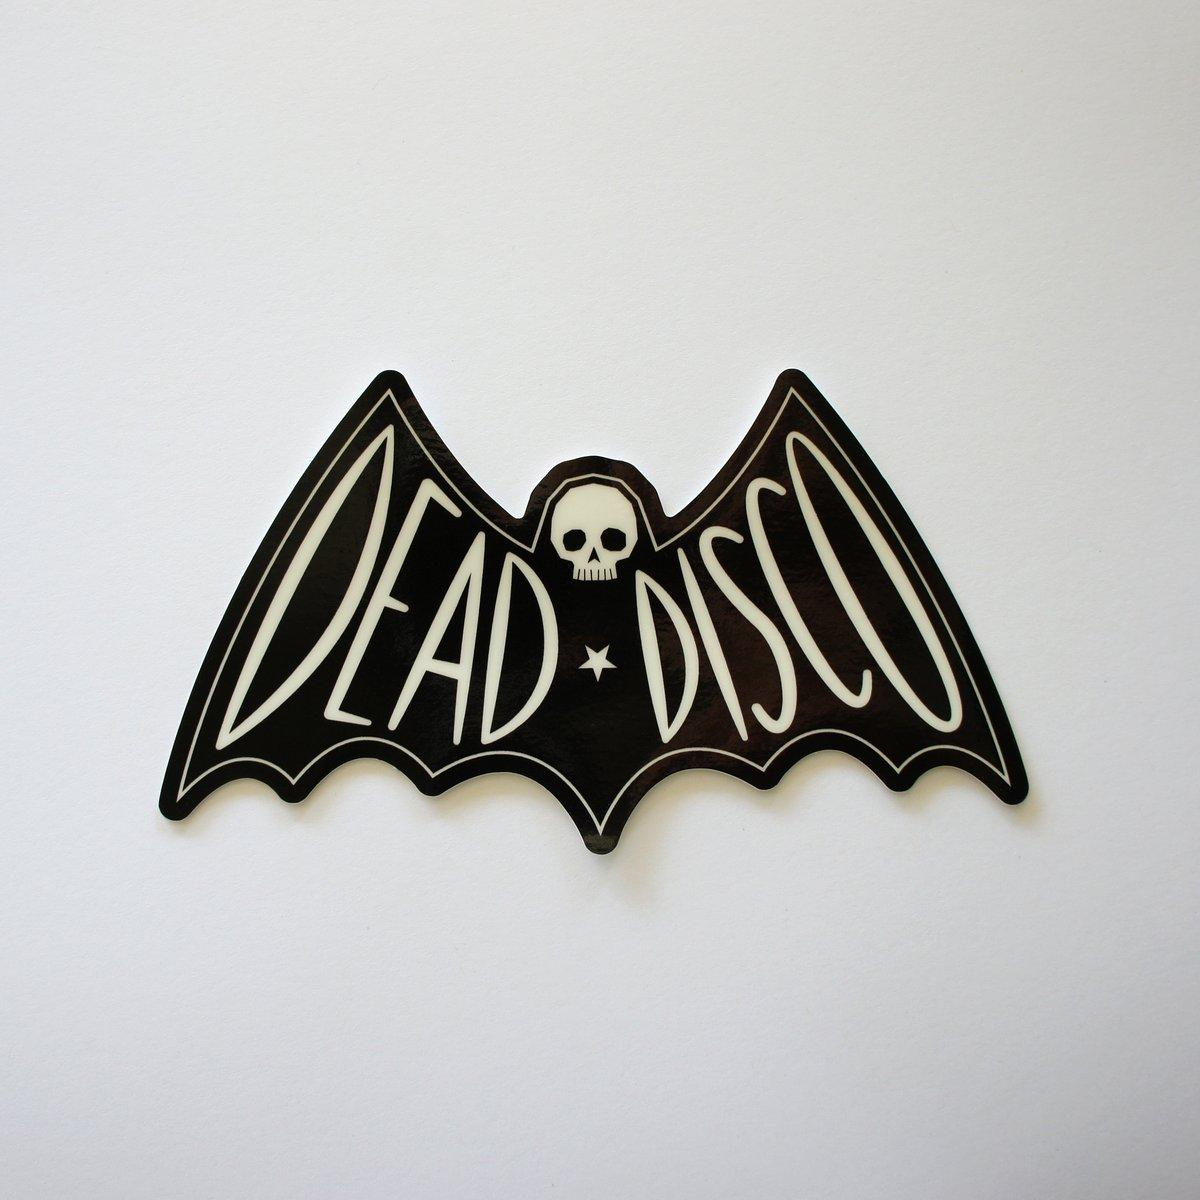 Glowing Dead Disco Bat Sticker